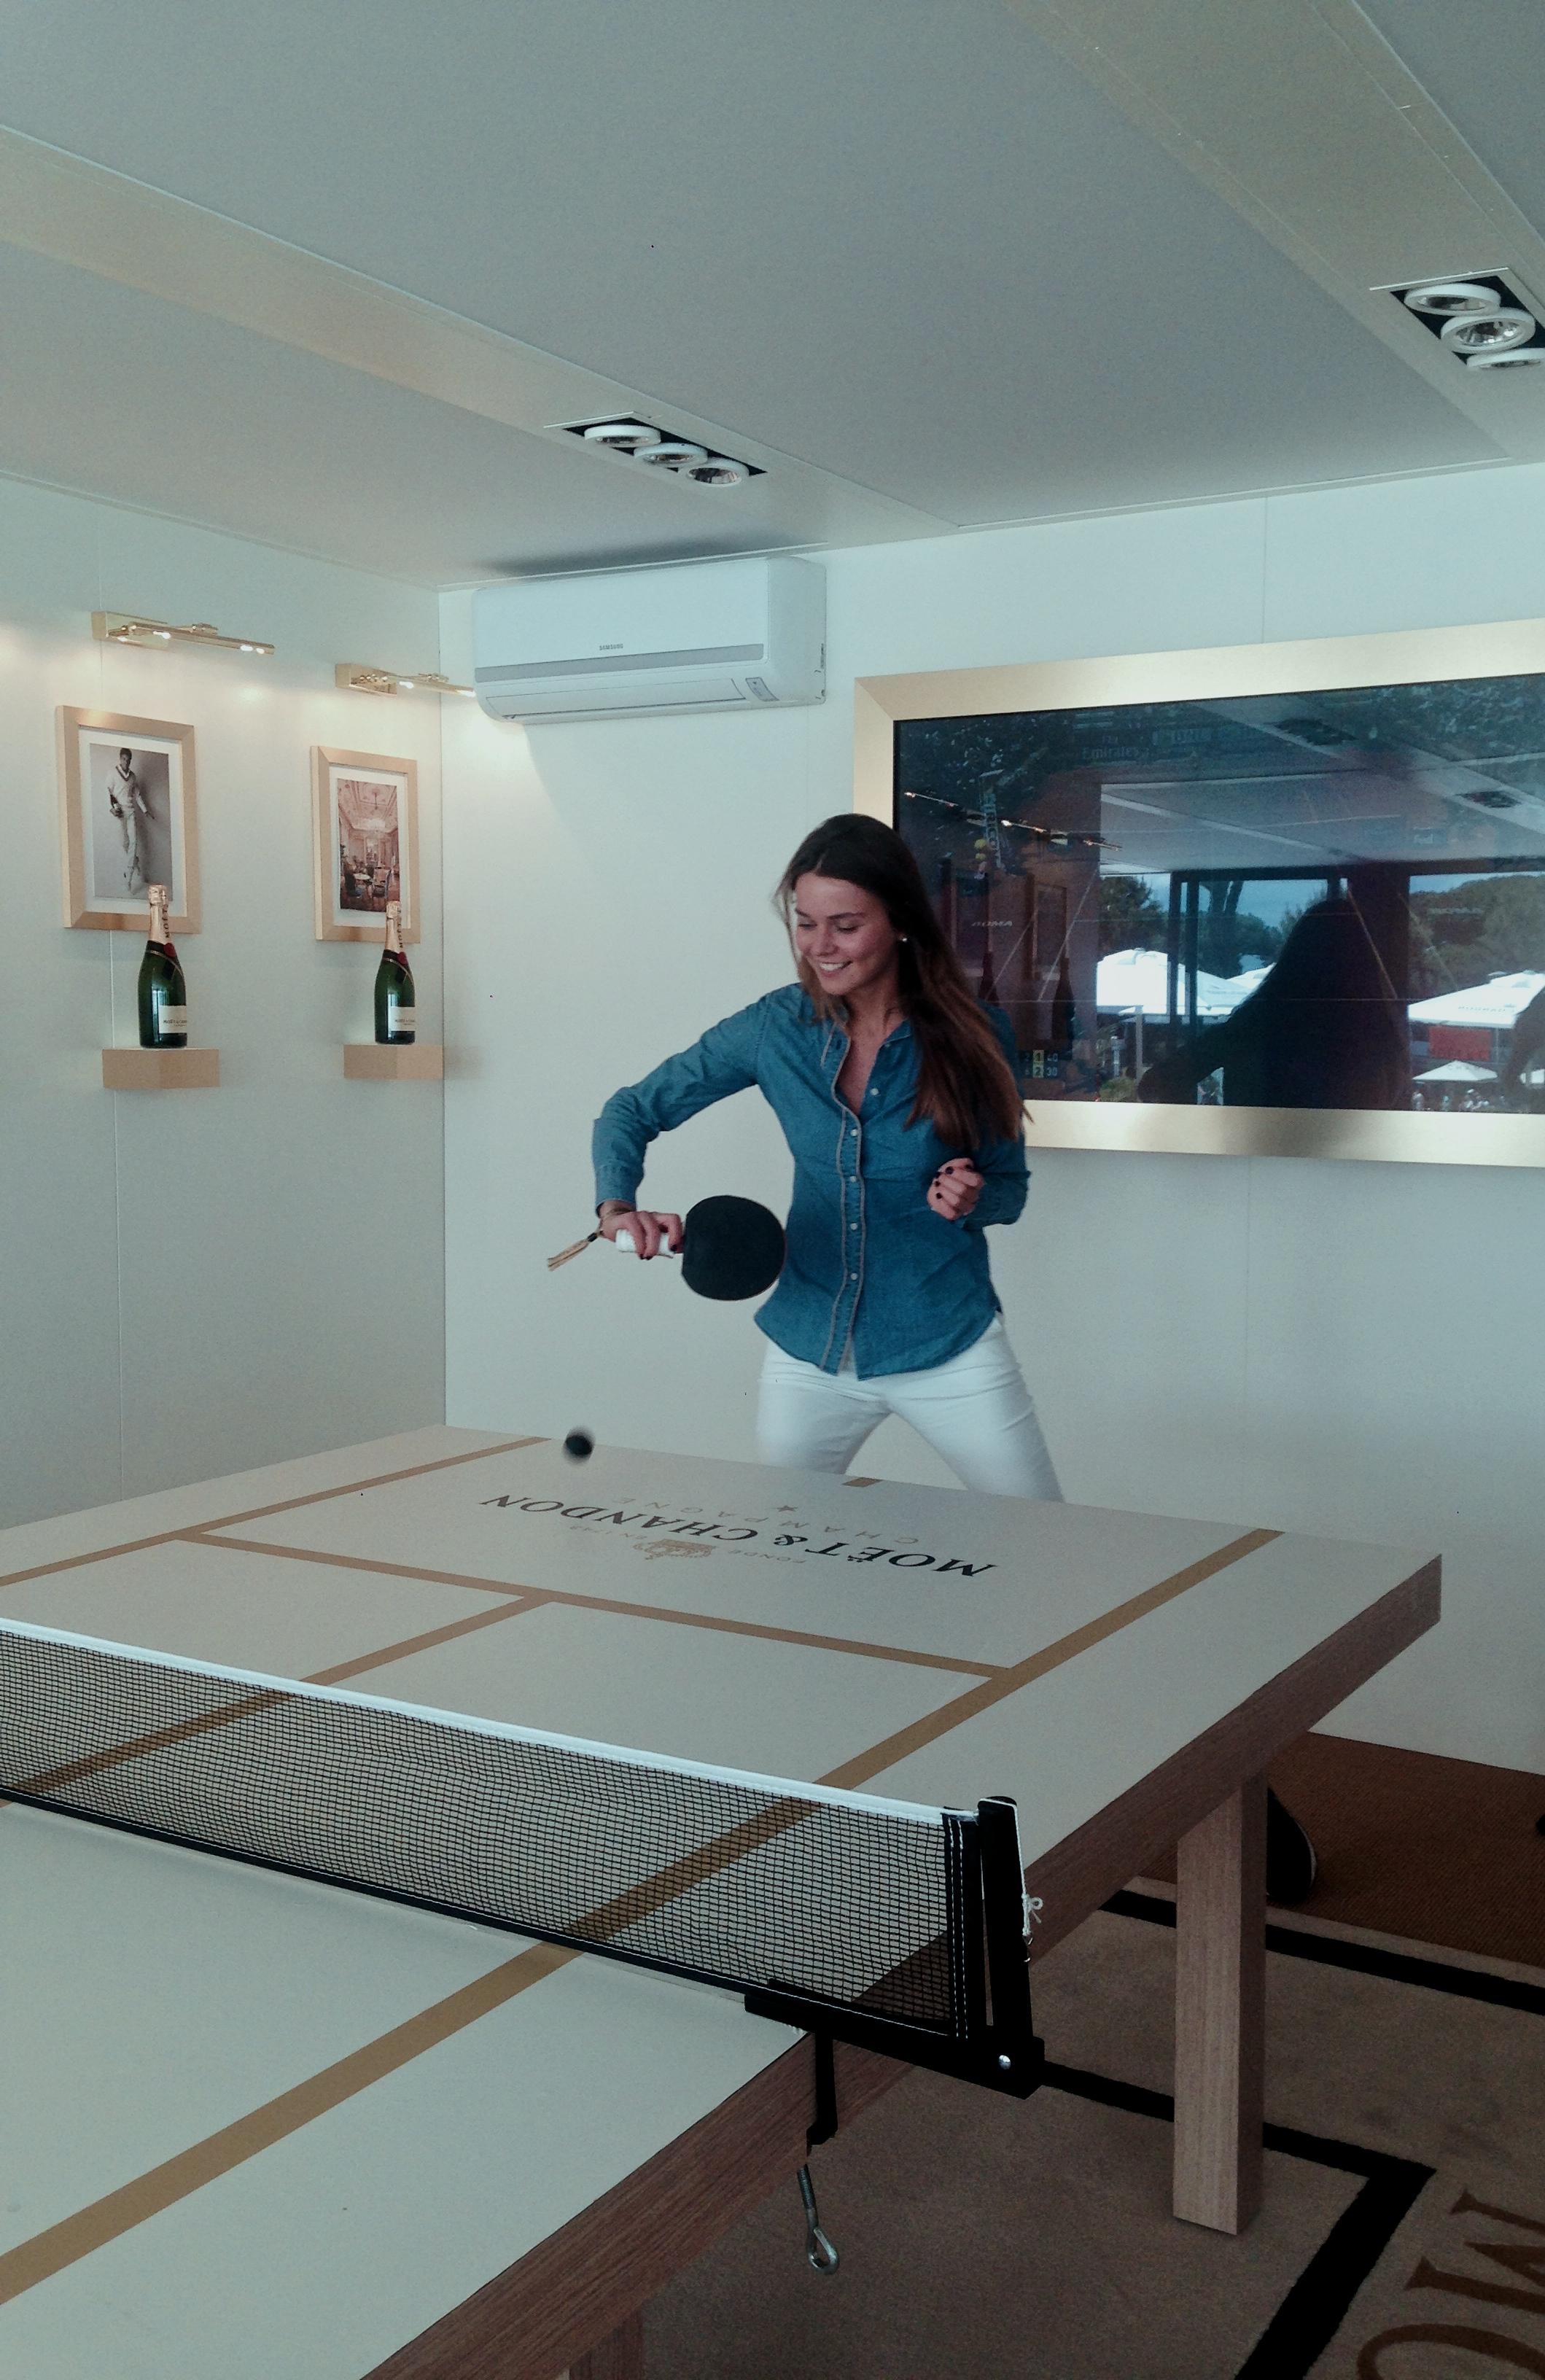 svetlana shashkova playing ping-pong